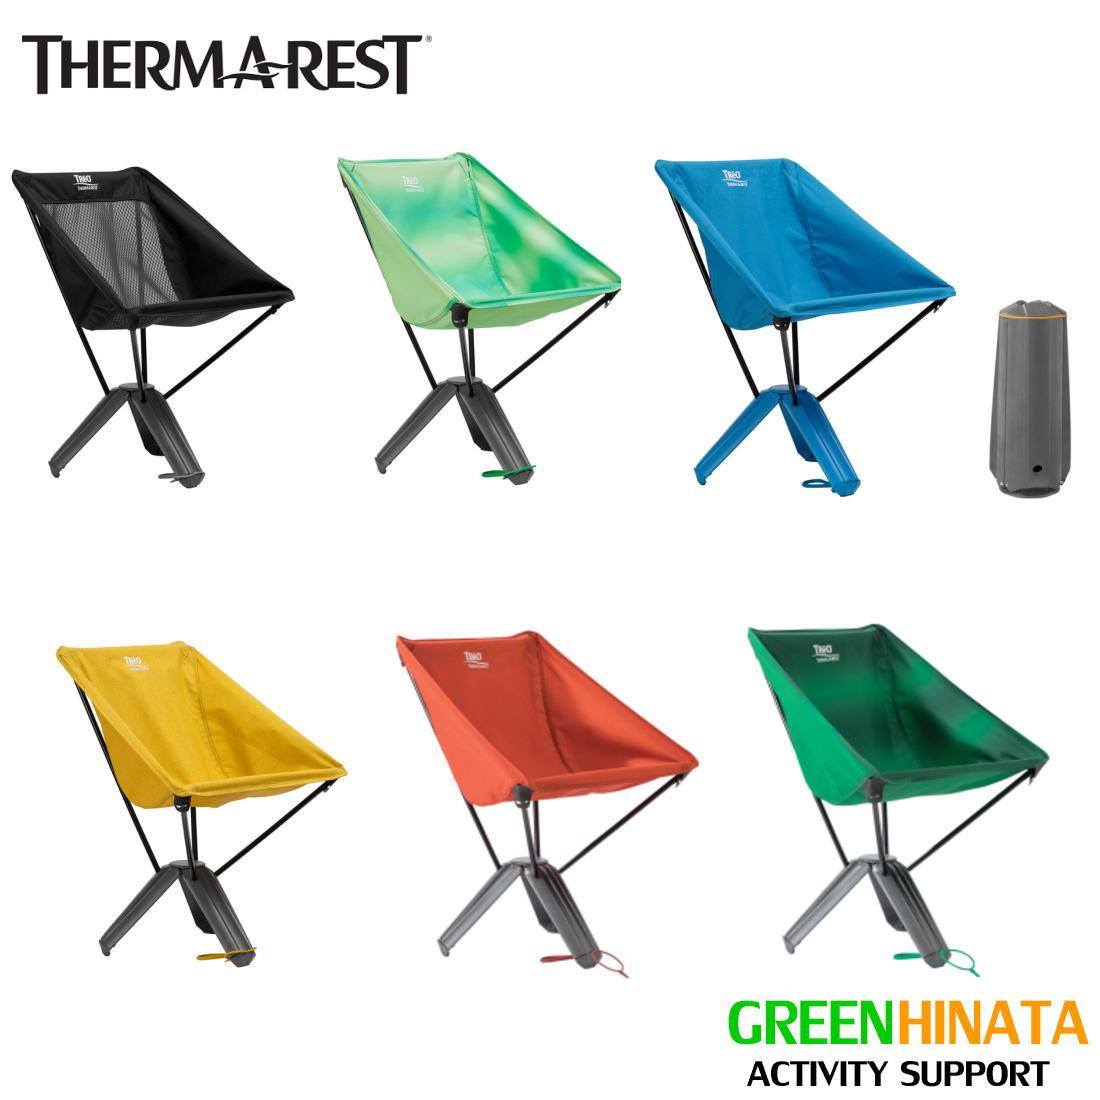 【国内正規品】 サーマレスト トレオチェア コンパクト収納 椅子 THERMAREST TREO CHAIR